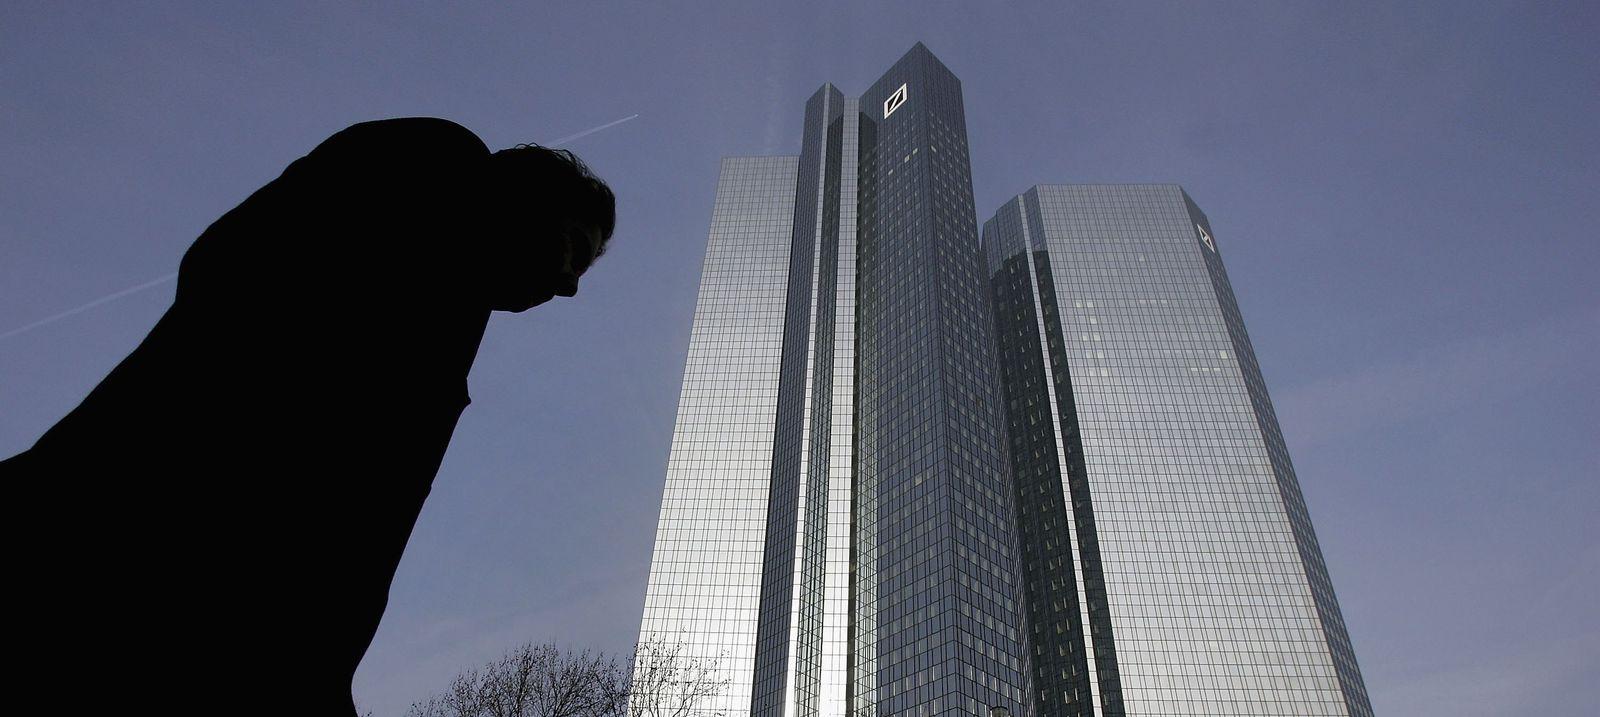 Deutsche Bank / Zentrale / Schattenfigur